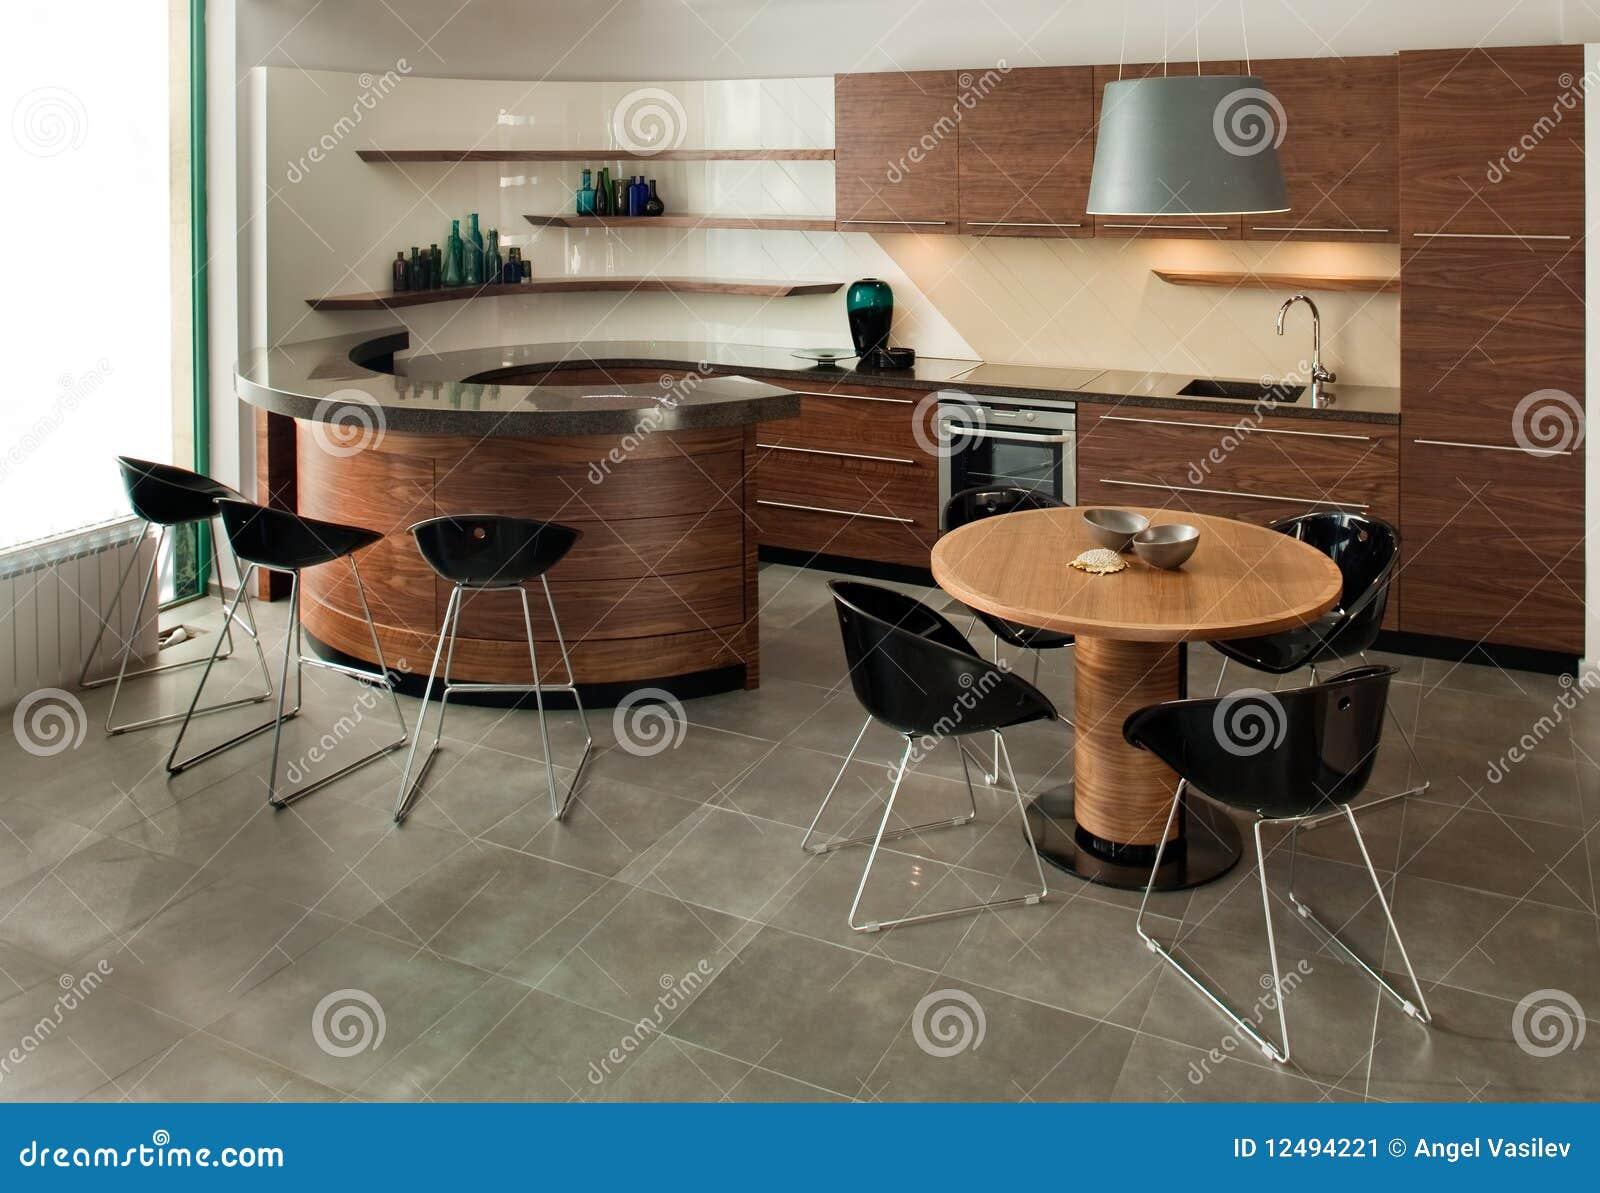 Disegno Interno Della Cucina. Elegante E Di Lusso. Immagine Stock - Immagine: 12494221